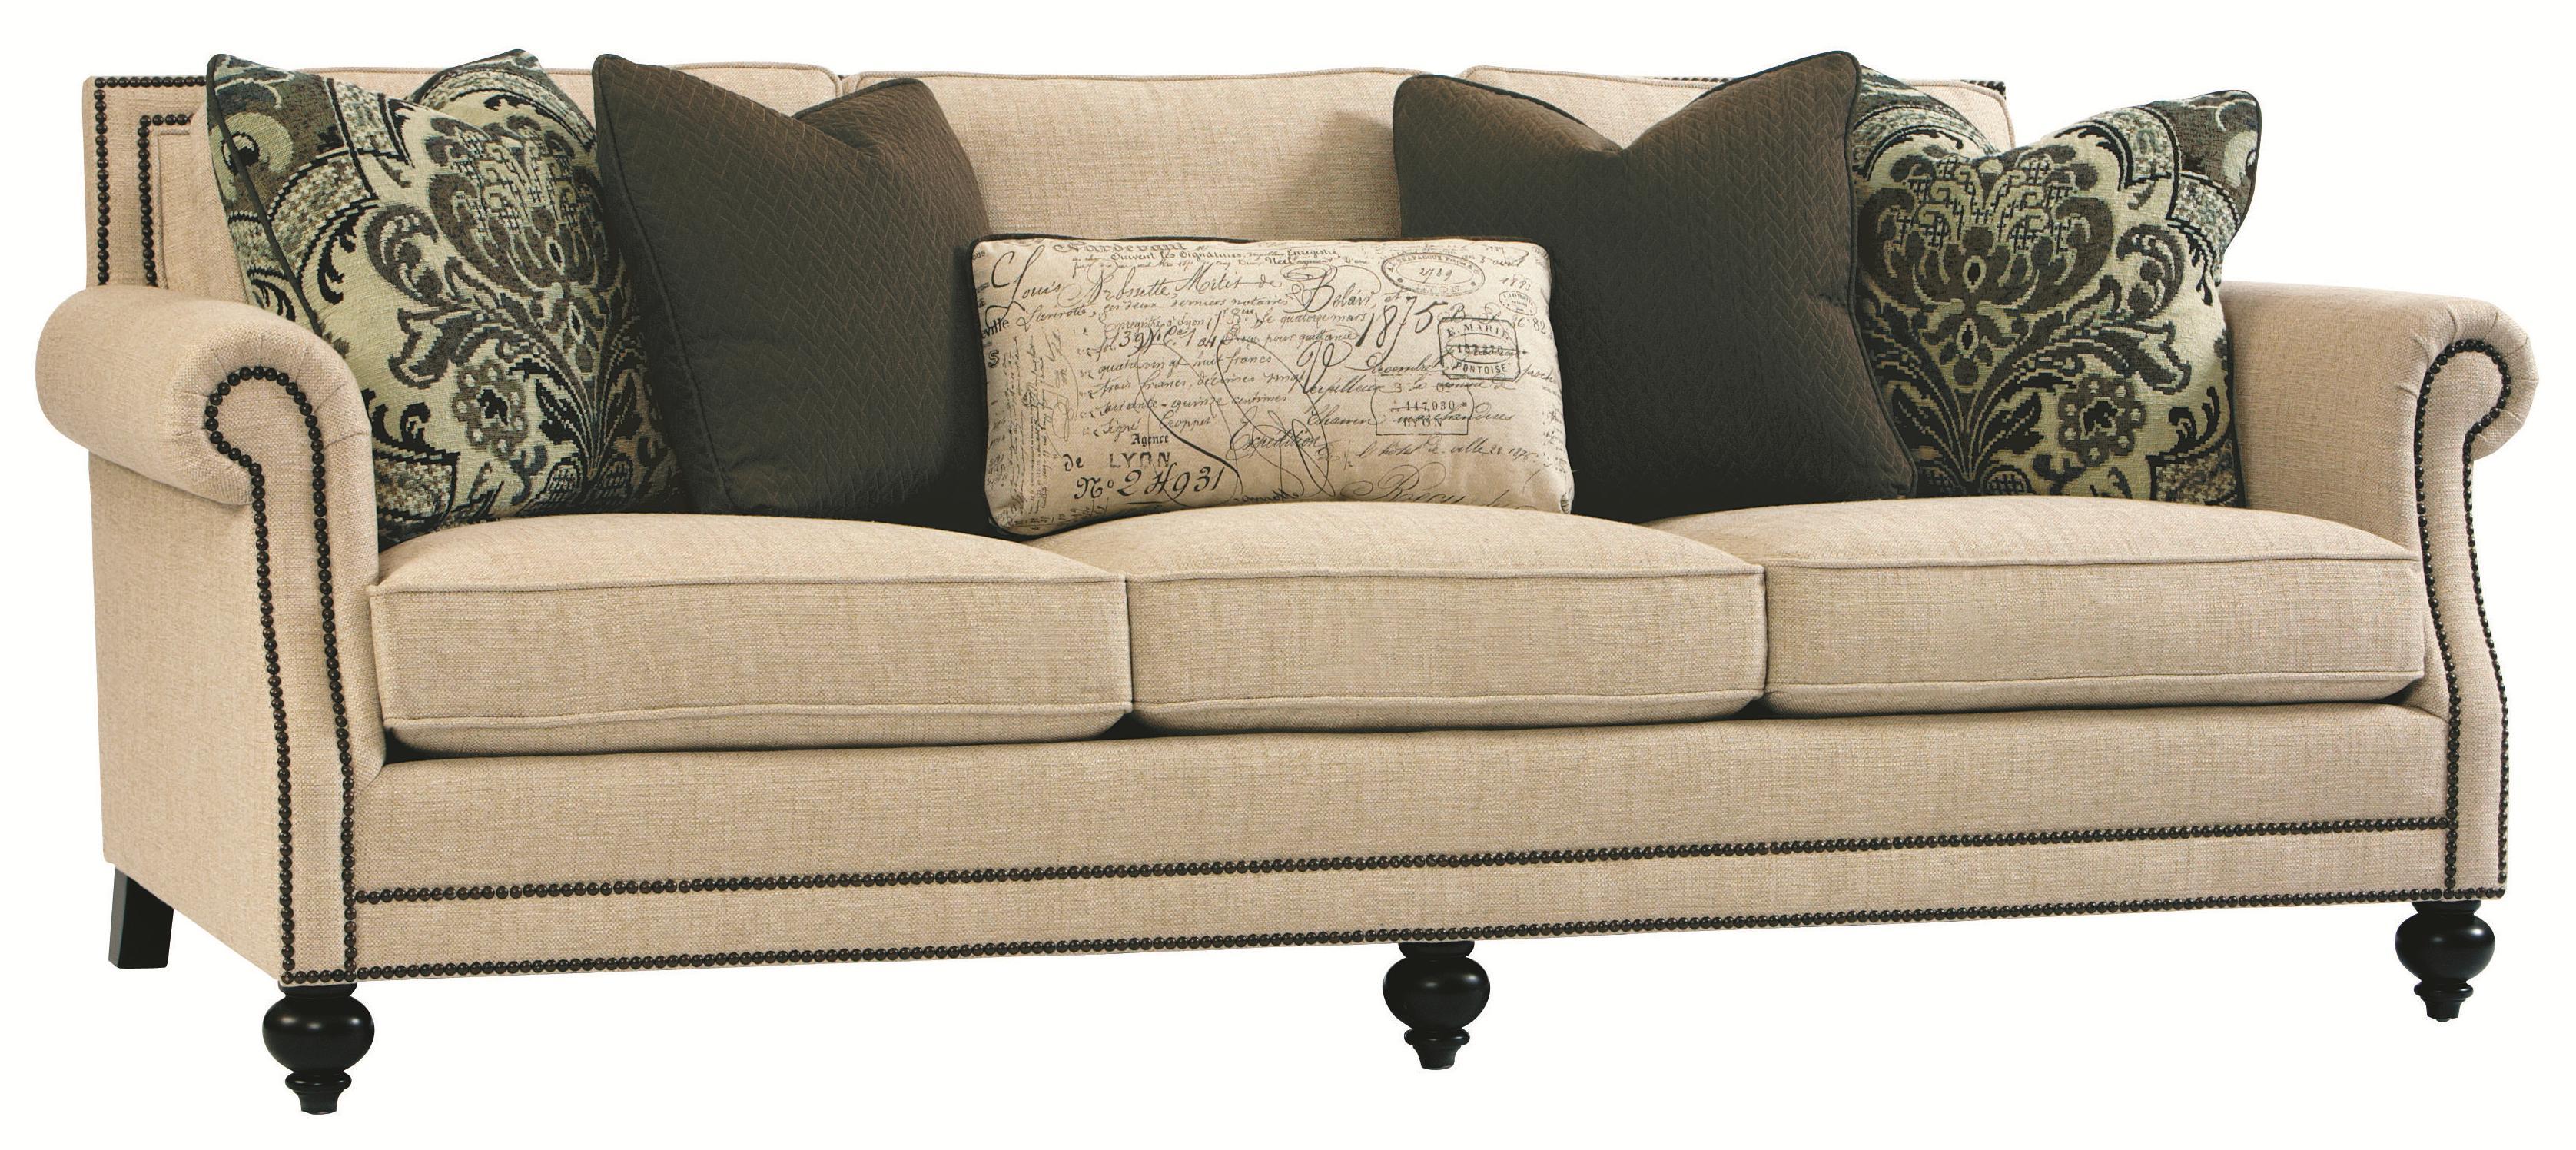 Bernhardt Brae Brae Sofa - Item Number: B6717